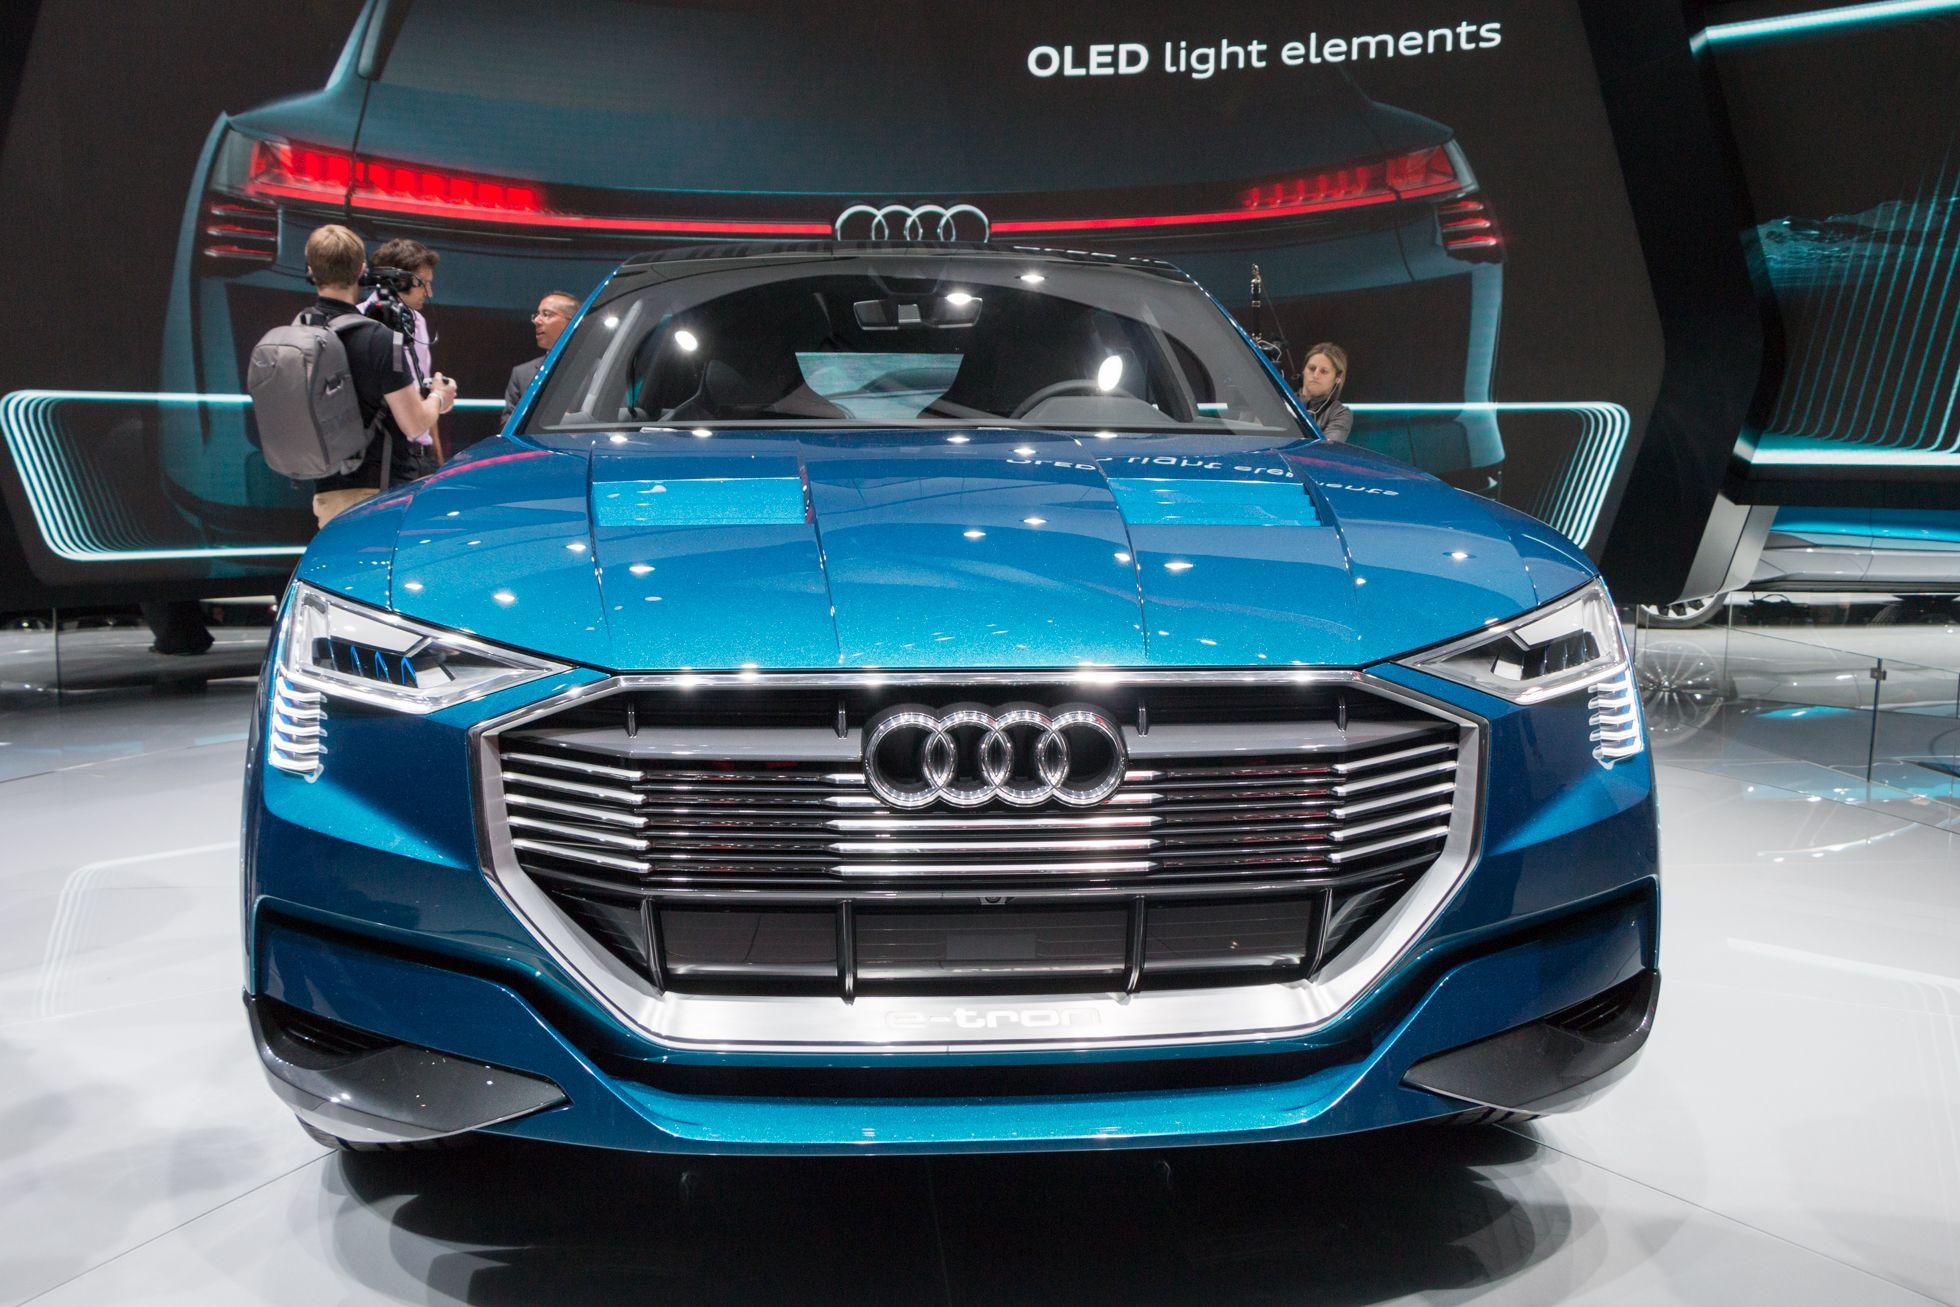 E-Tron Quattro Concept: Audi nennt Details zum neuen Virtual Cockpit - Der E-Tron Quattro Concept von Audi (Foto: Werner Pluta/Golem.de)